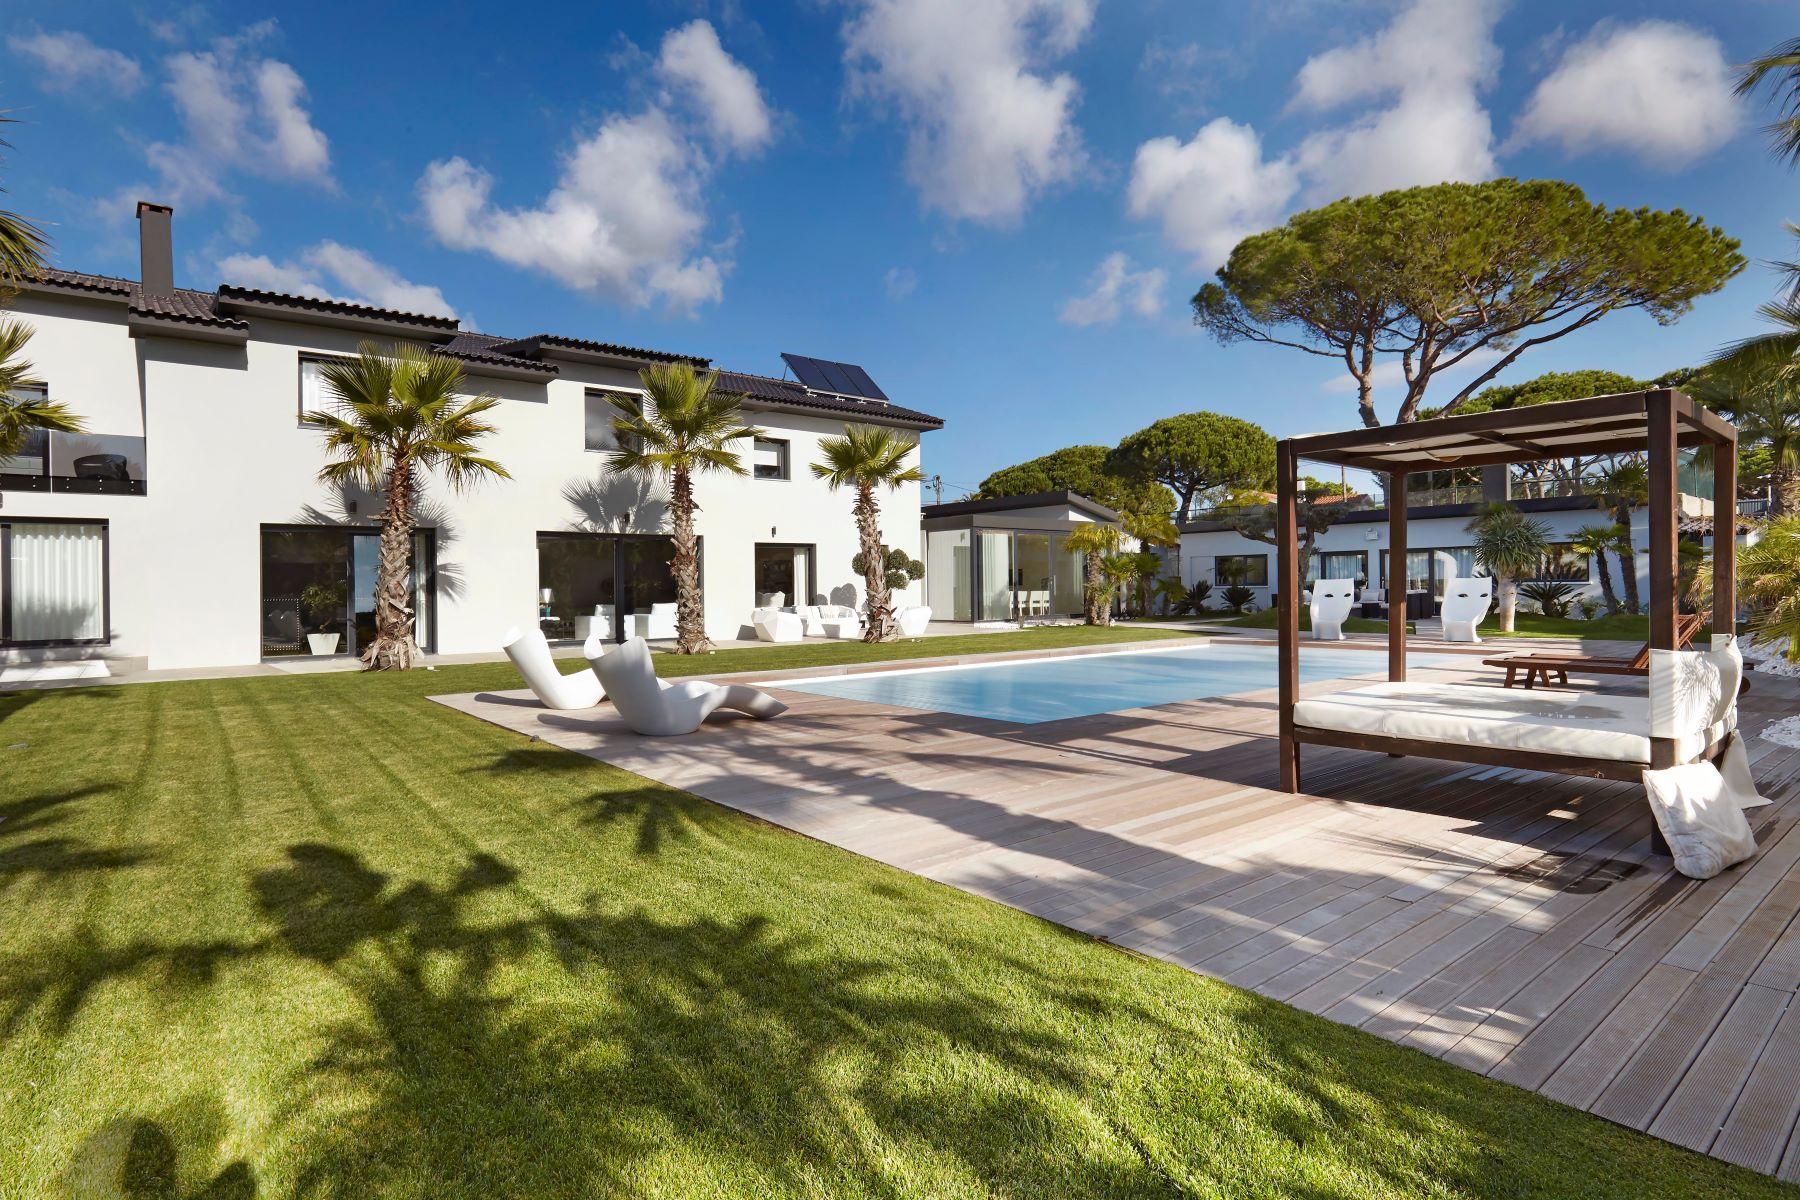 一戸建て のために 売買 アット Detached house, 8 bedrooms, for Sale Cascais, リスボン, ポルトガル